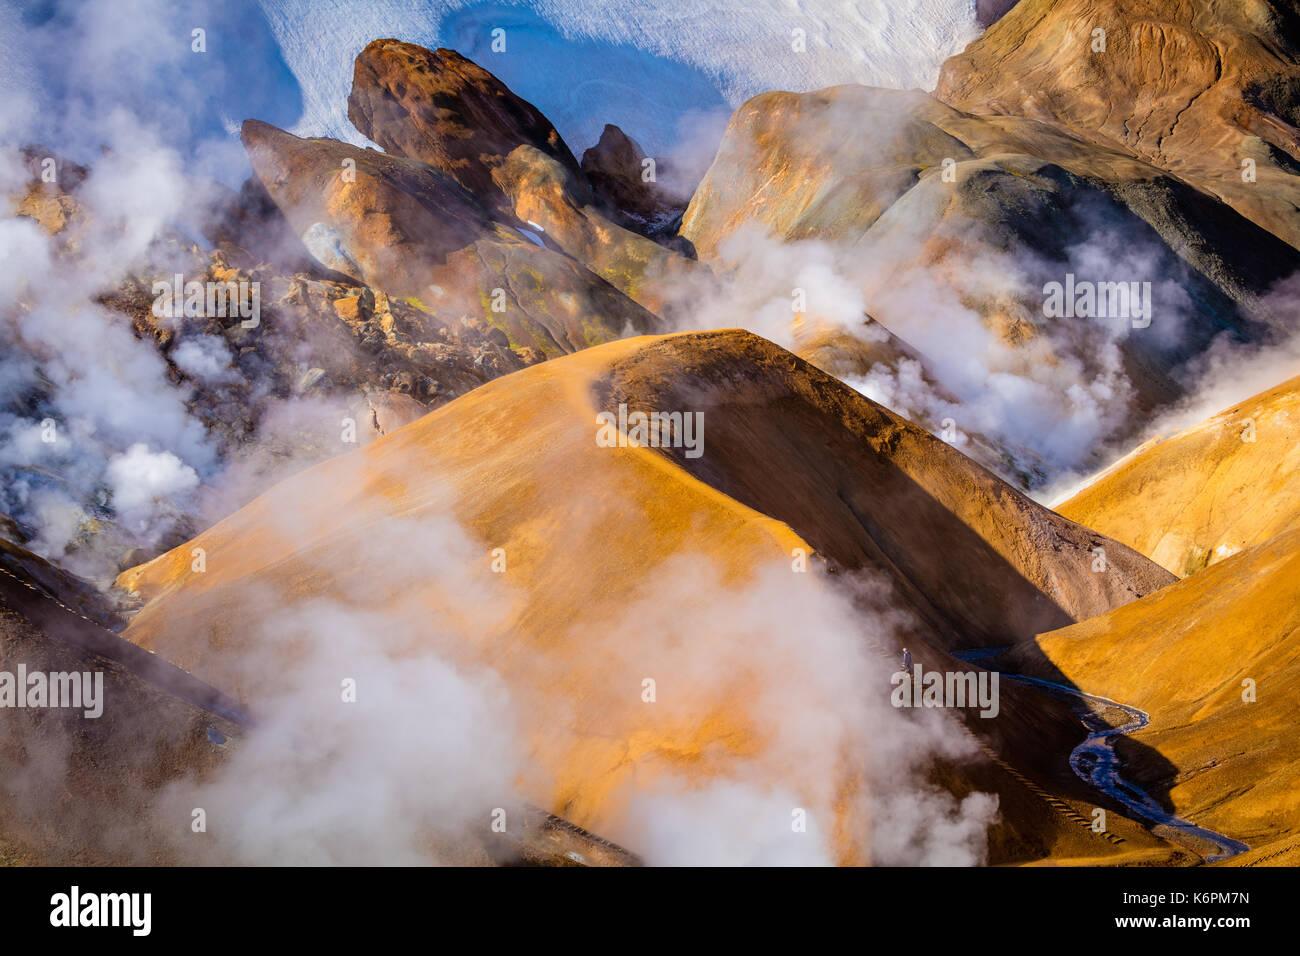 Es un Kerlingarfjöll 1.477 m (4.846 pies) de altura en la cordillera de Islandia situado en las tierras altas de Islandia cerca del Kjölur Highland Road. Imagen De Stock